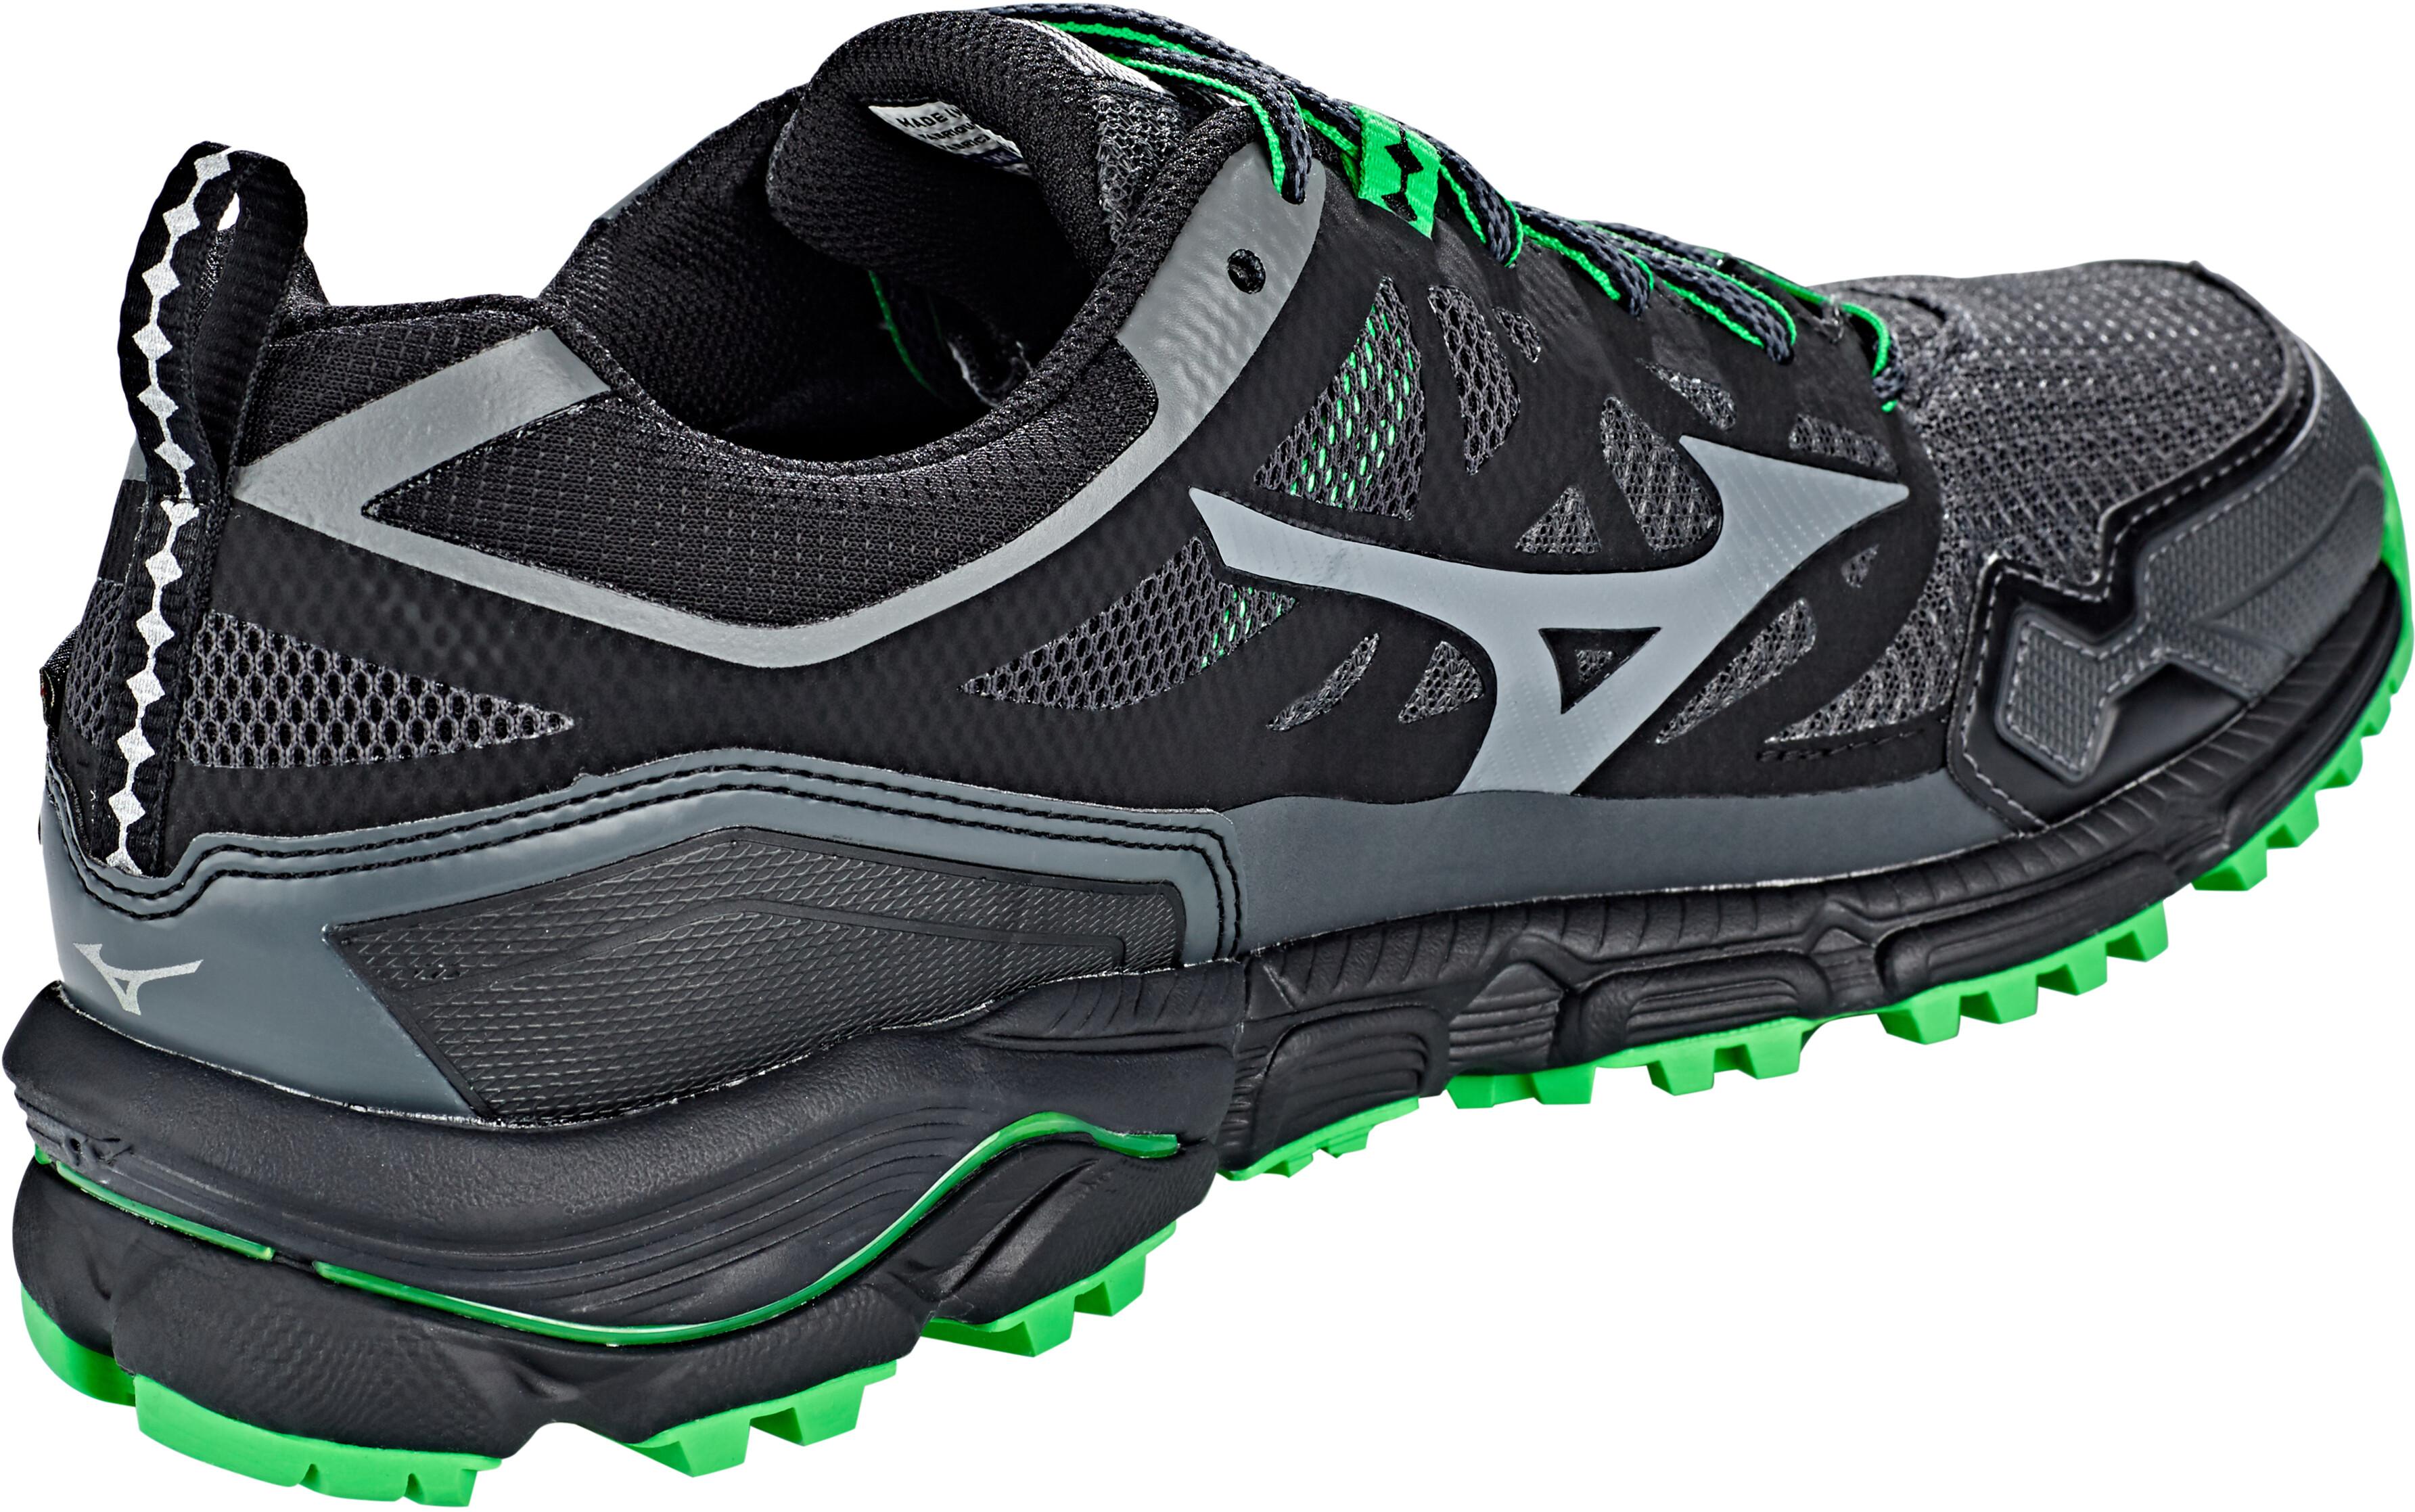 5c57fbb14aa8 Mizuno Wave Daichi 4 GTX - Chaussures running Homme - gris sur CAMPZ !